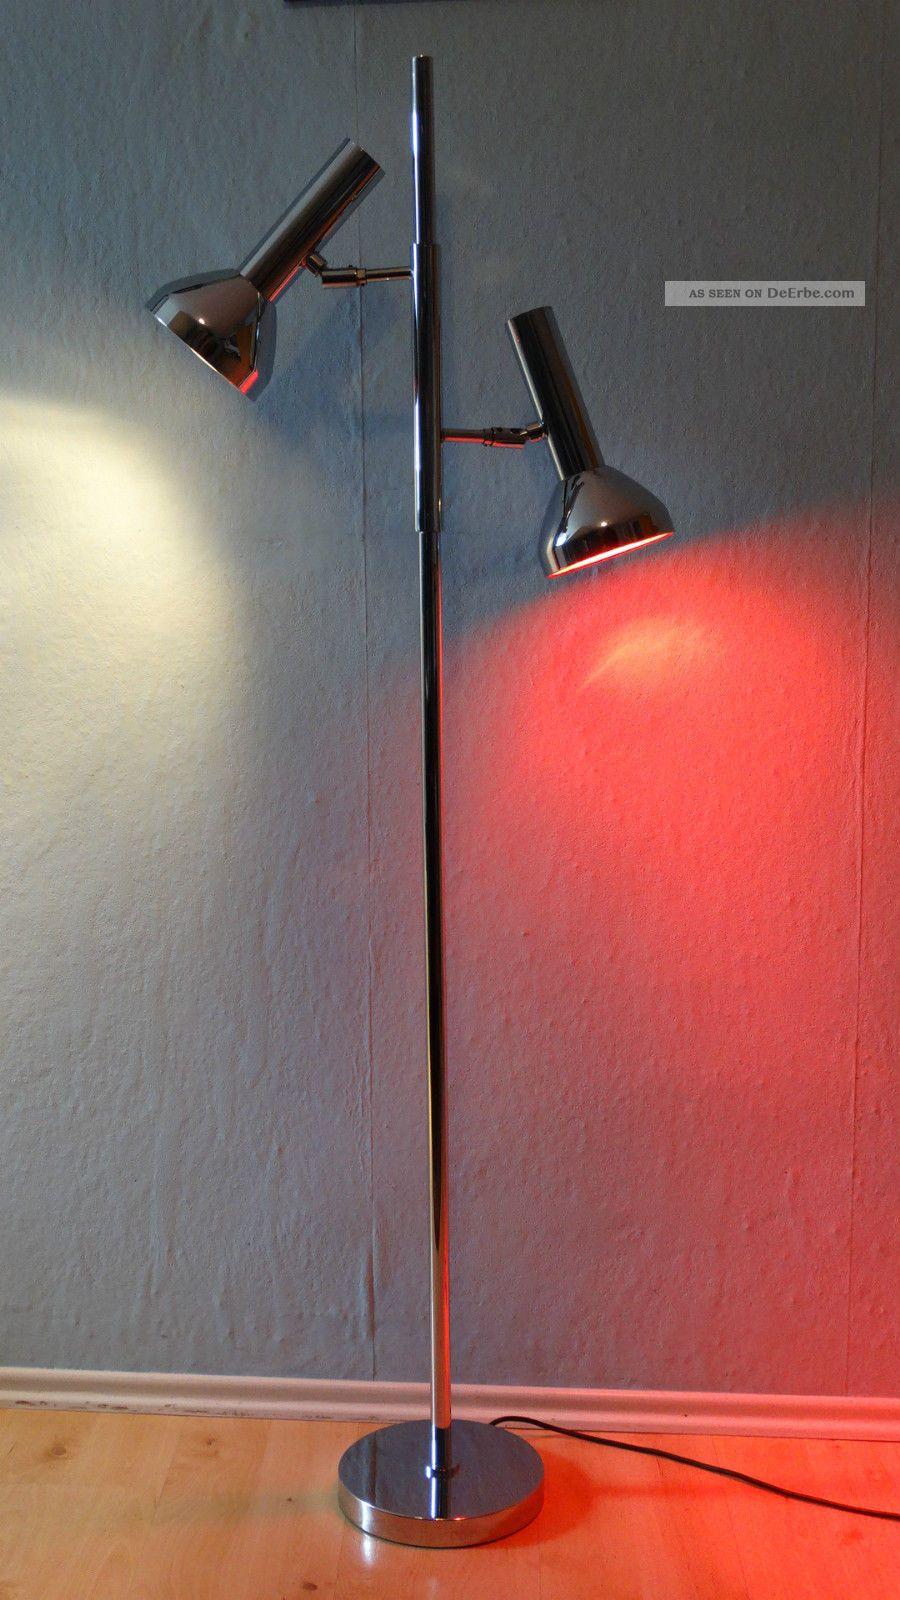 70er jahre stehlampe design lampe leuchte 2 spot s. Black Bedroom Furniture Sets. Home Design Ideas